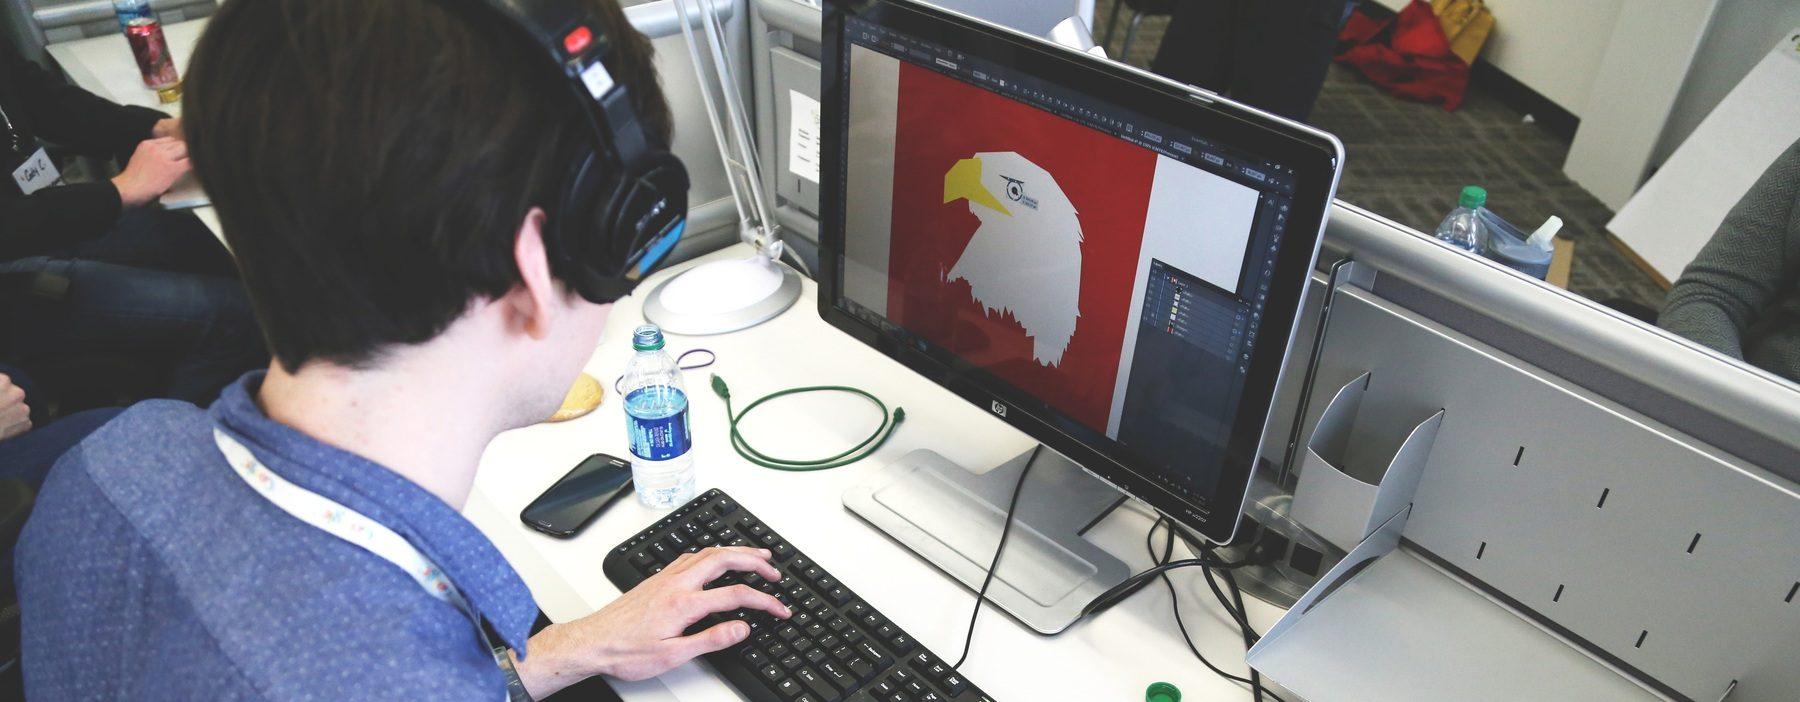 Del mundo real a Photoshop: así es la herramienta que ha creado un programador